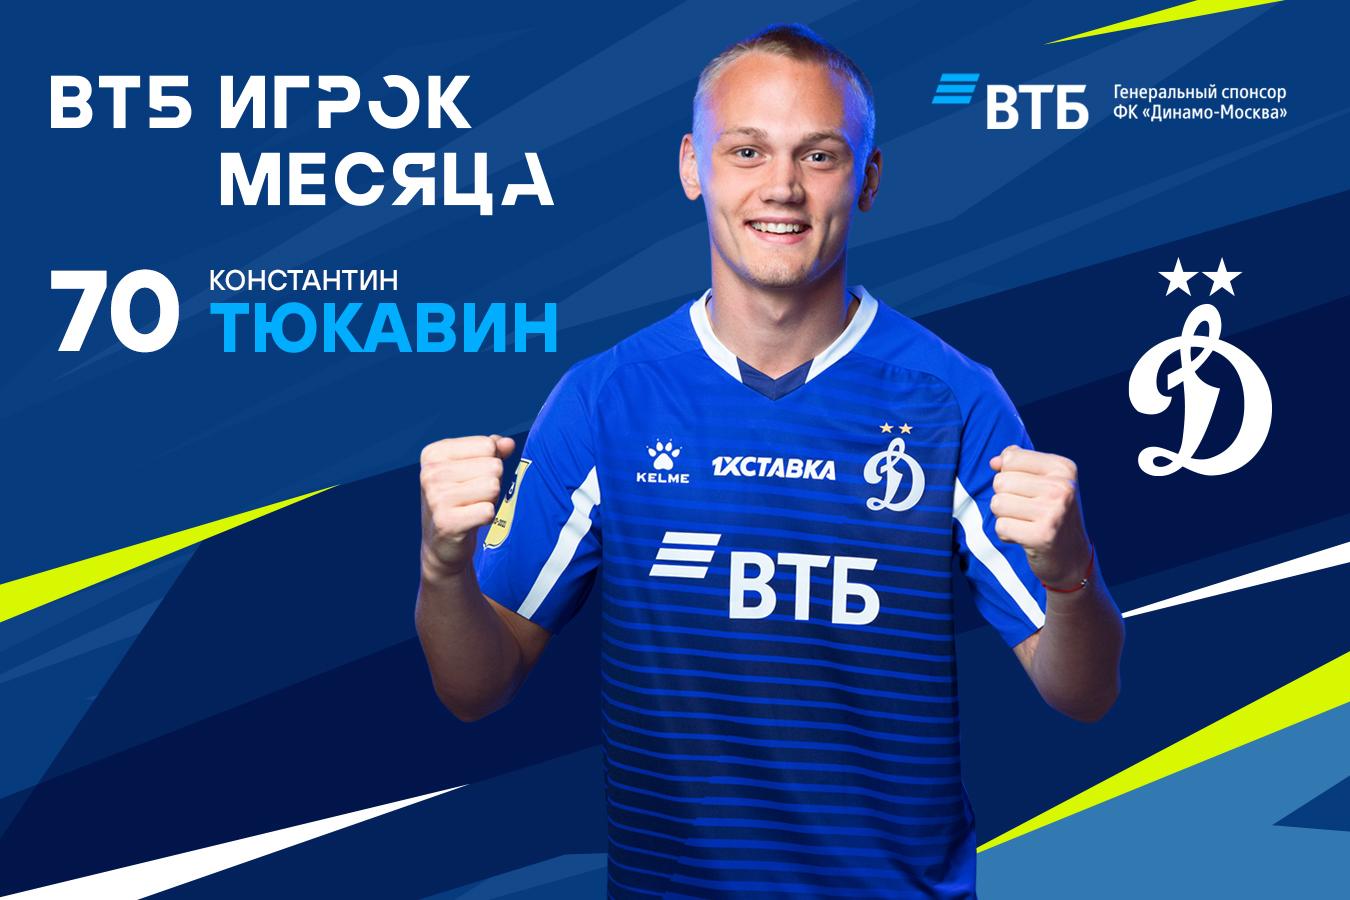 мвк динамо москва официальный сайт клуба